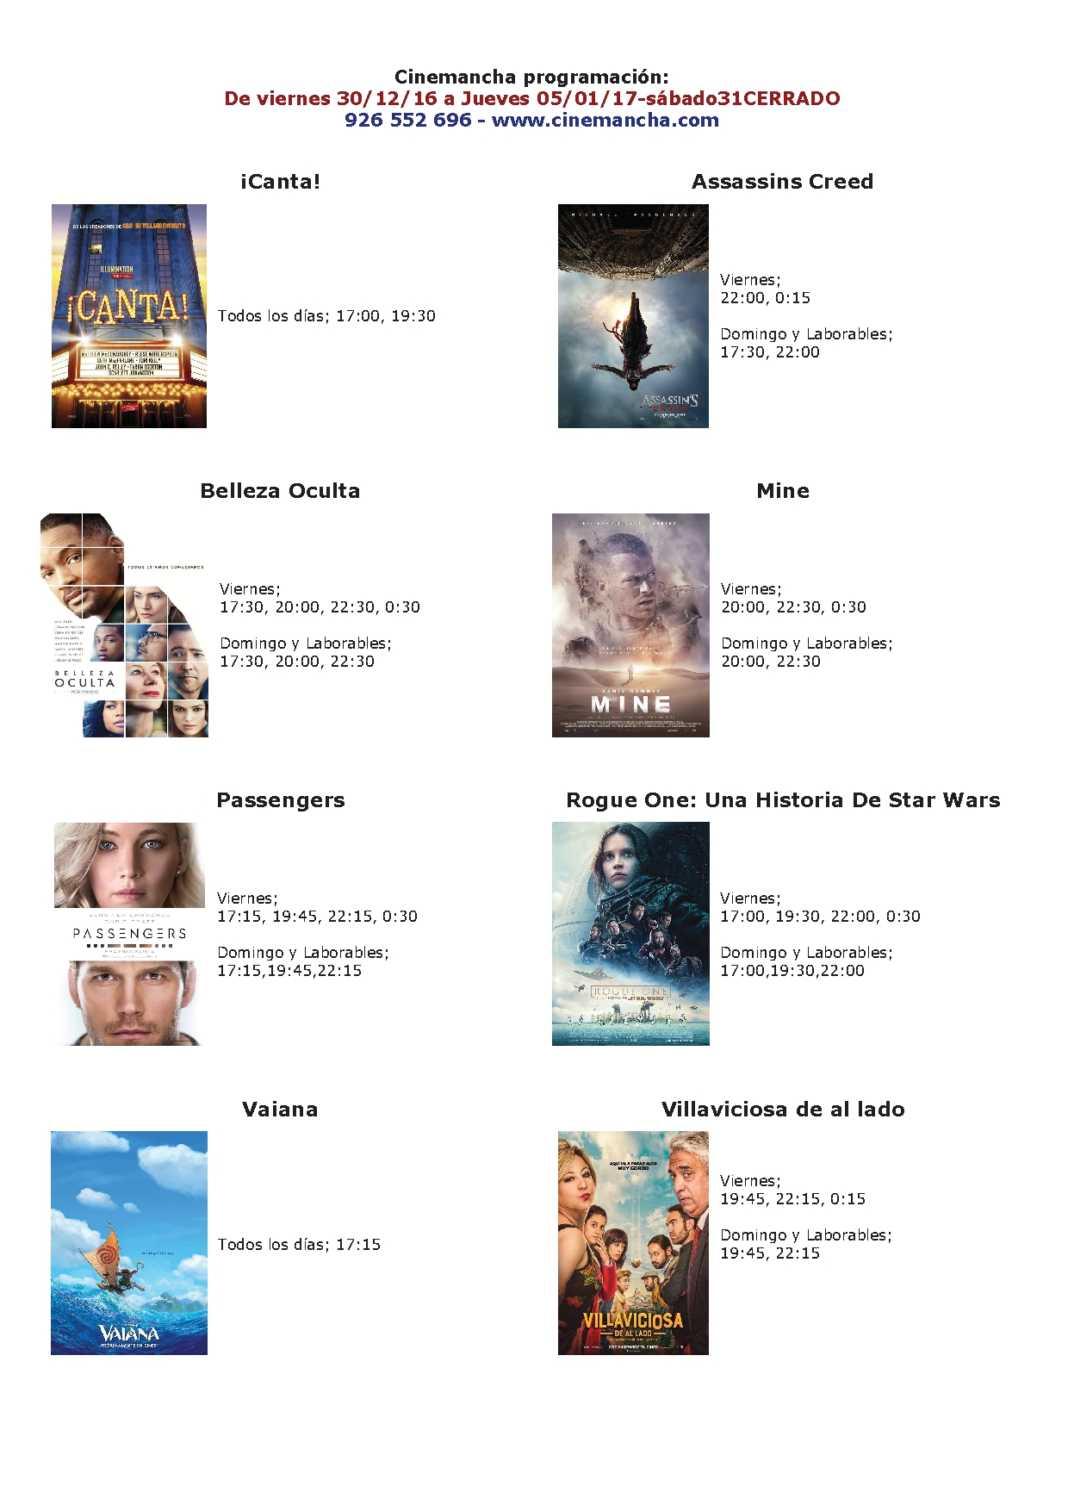 cartelera cinemancha del 30 de diciembre al 05 de enero 1068x1511 - Cartelera Cinemancha, del 30 de diciembre al 05 de enero